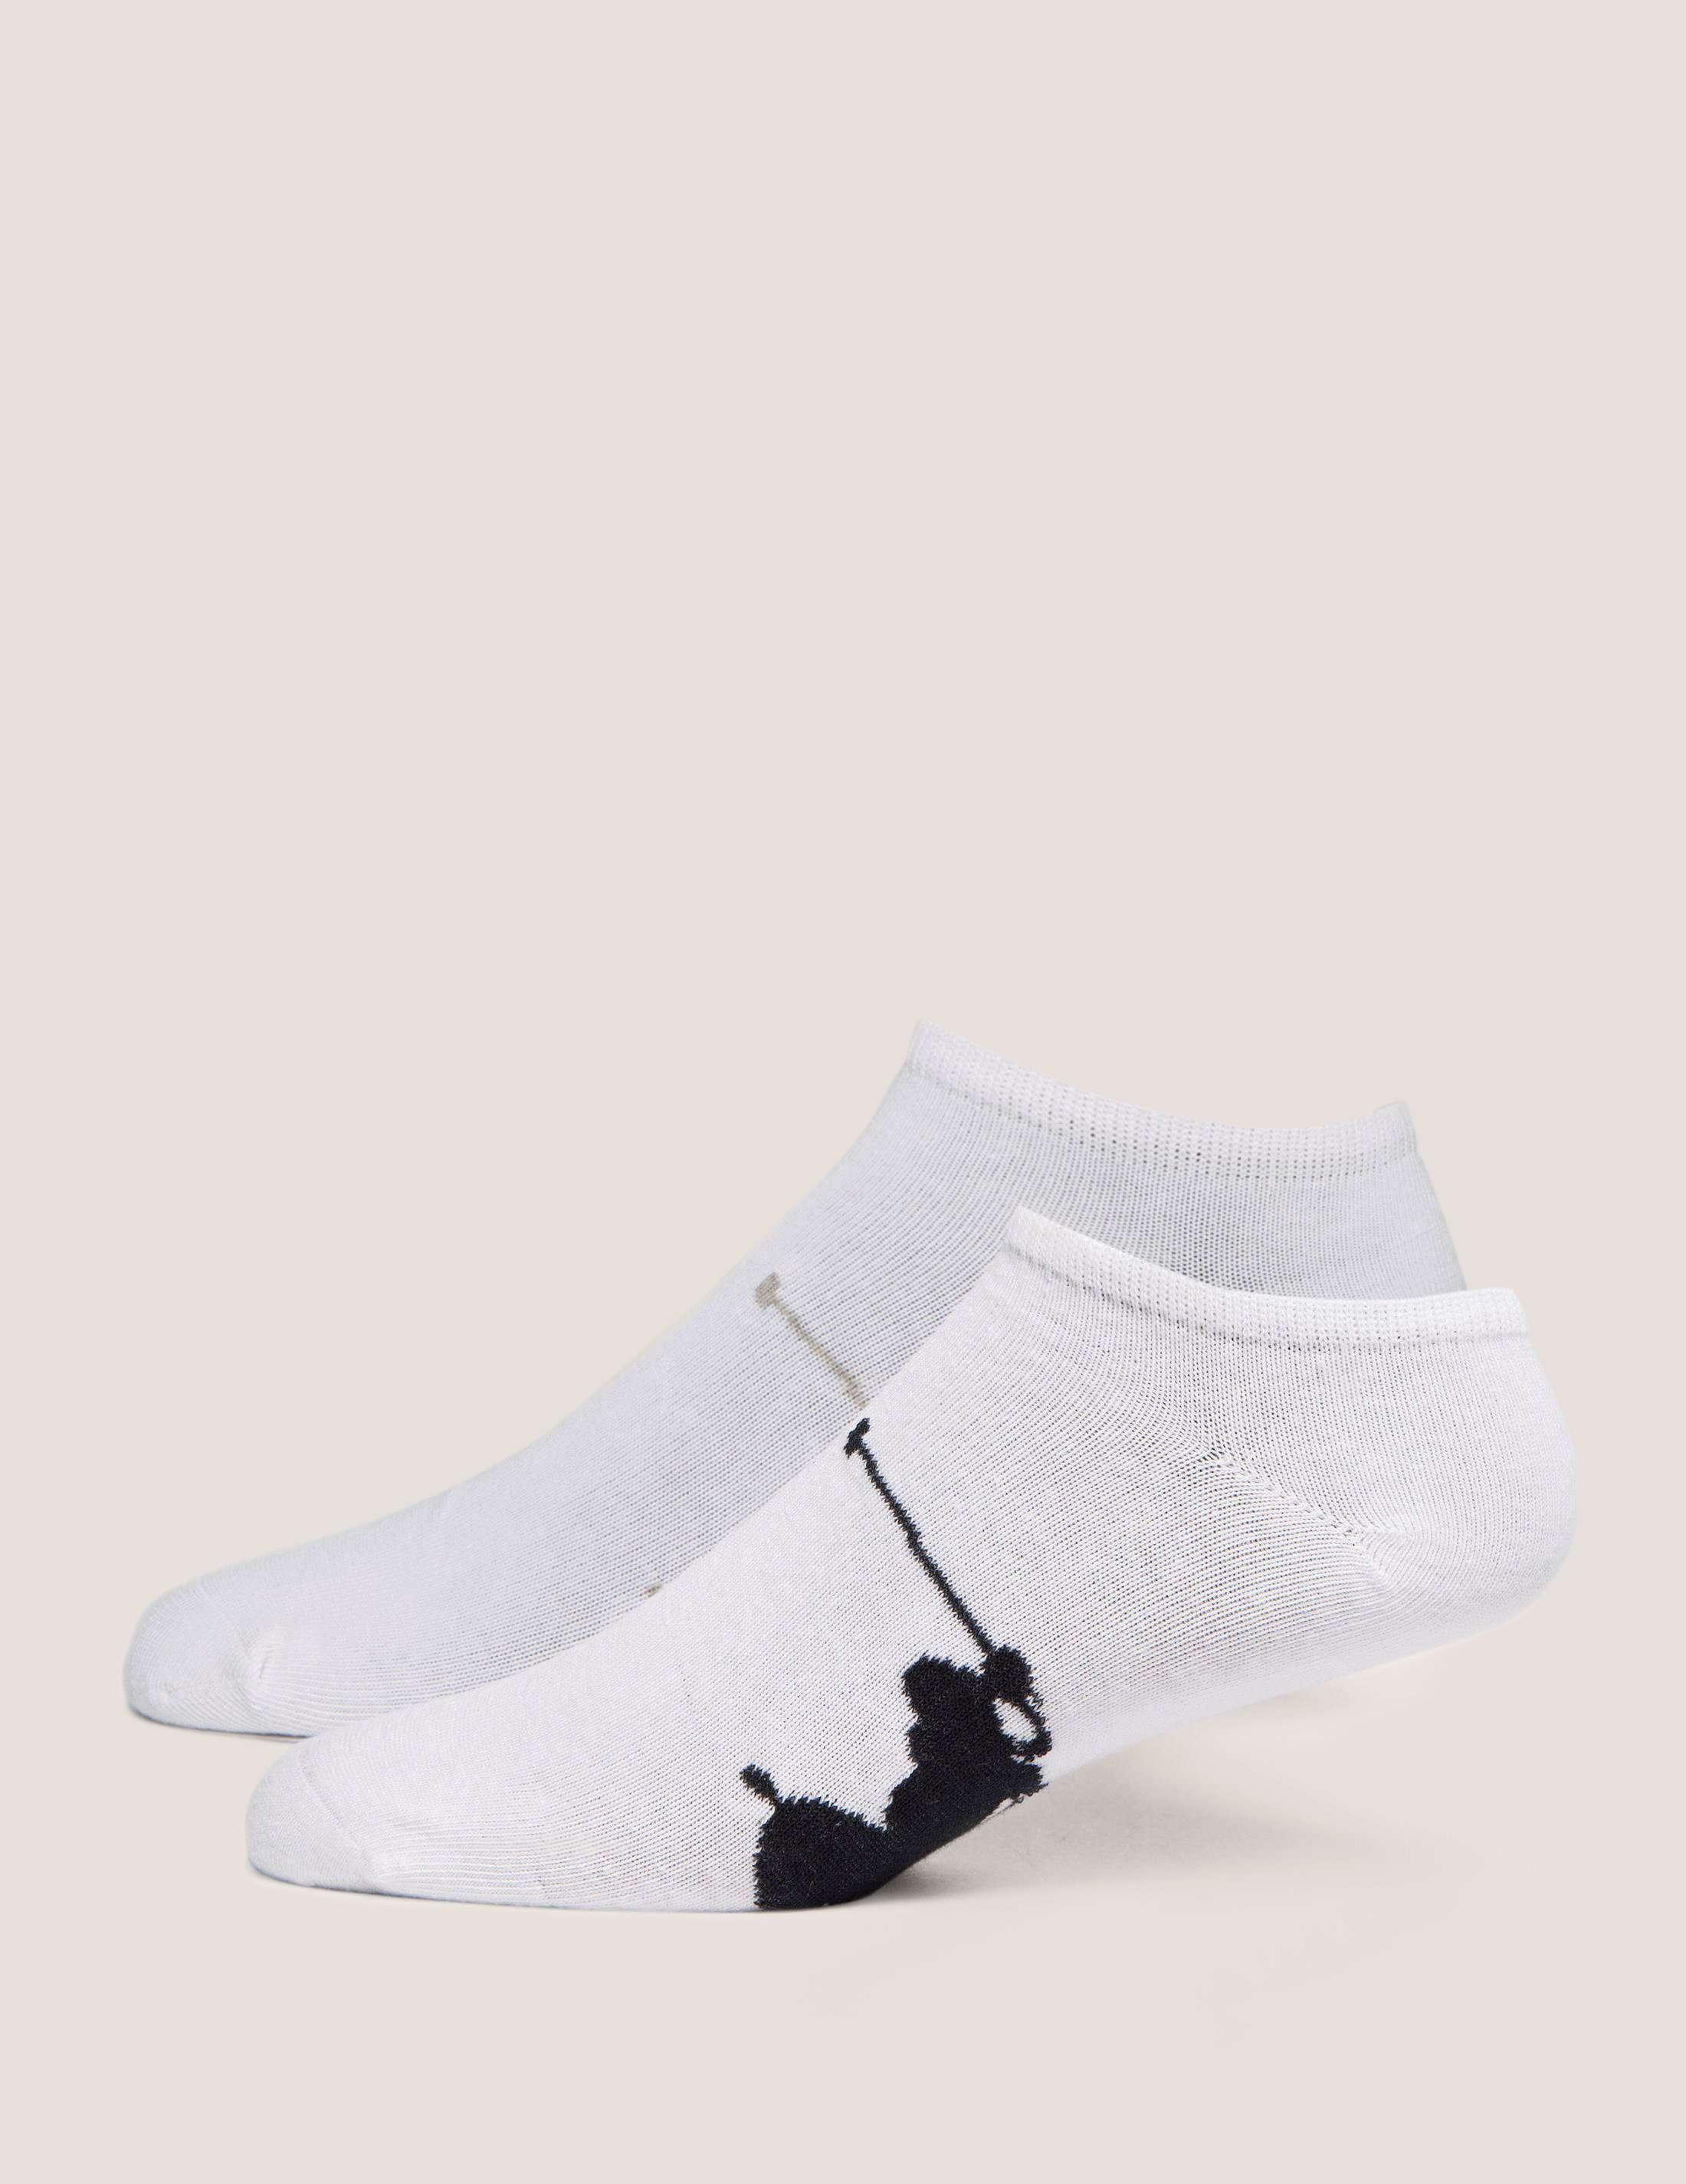 Polo Ralph Lauren Trainer Socks